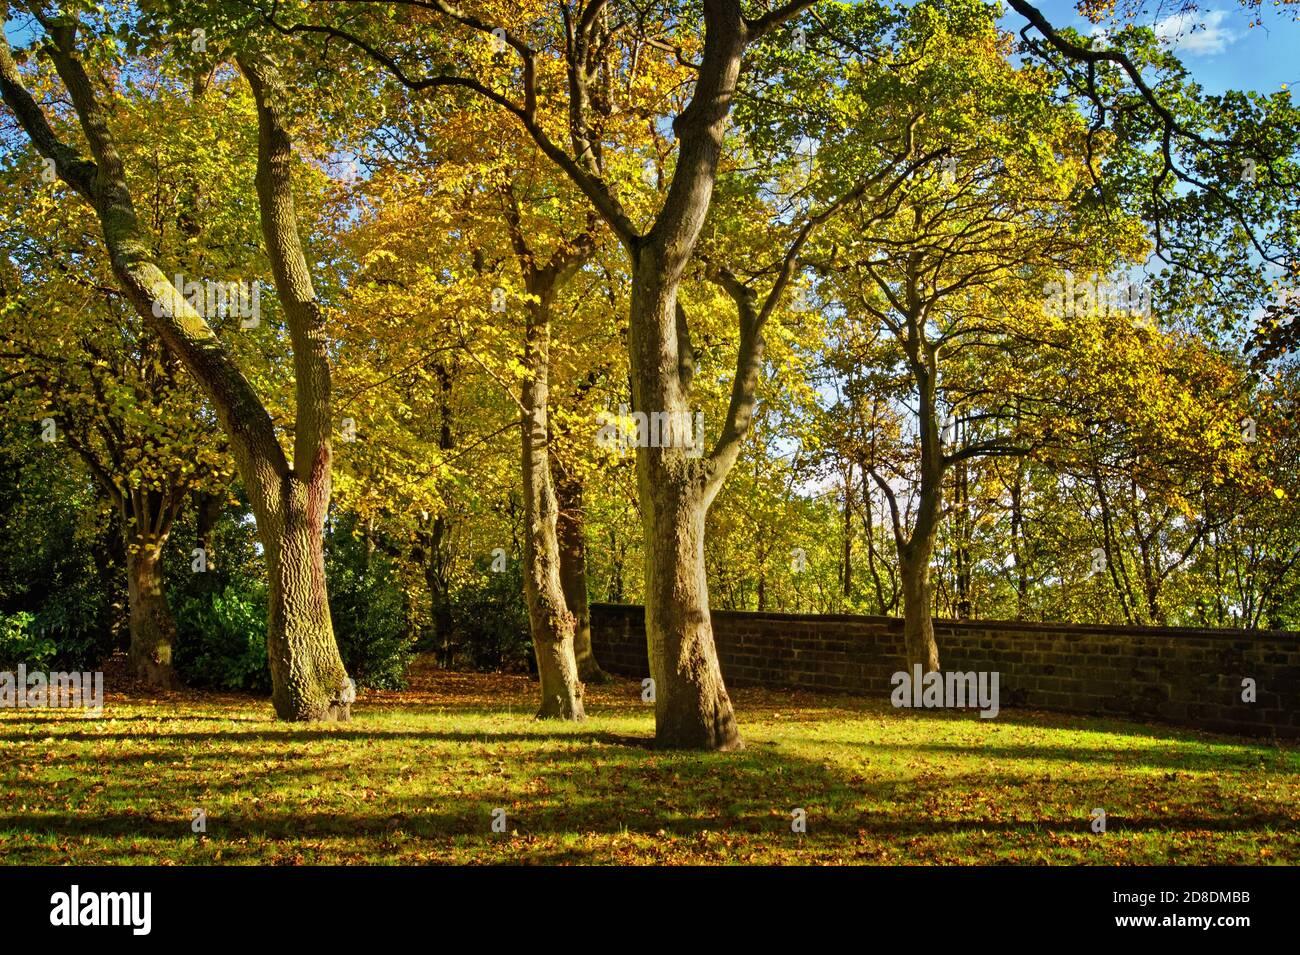 Regno Unito, South Yorkshire, Barnsley, Locke Park in autunno Foto Stock